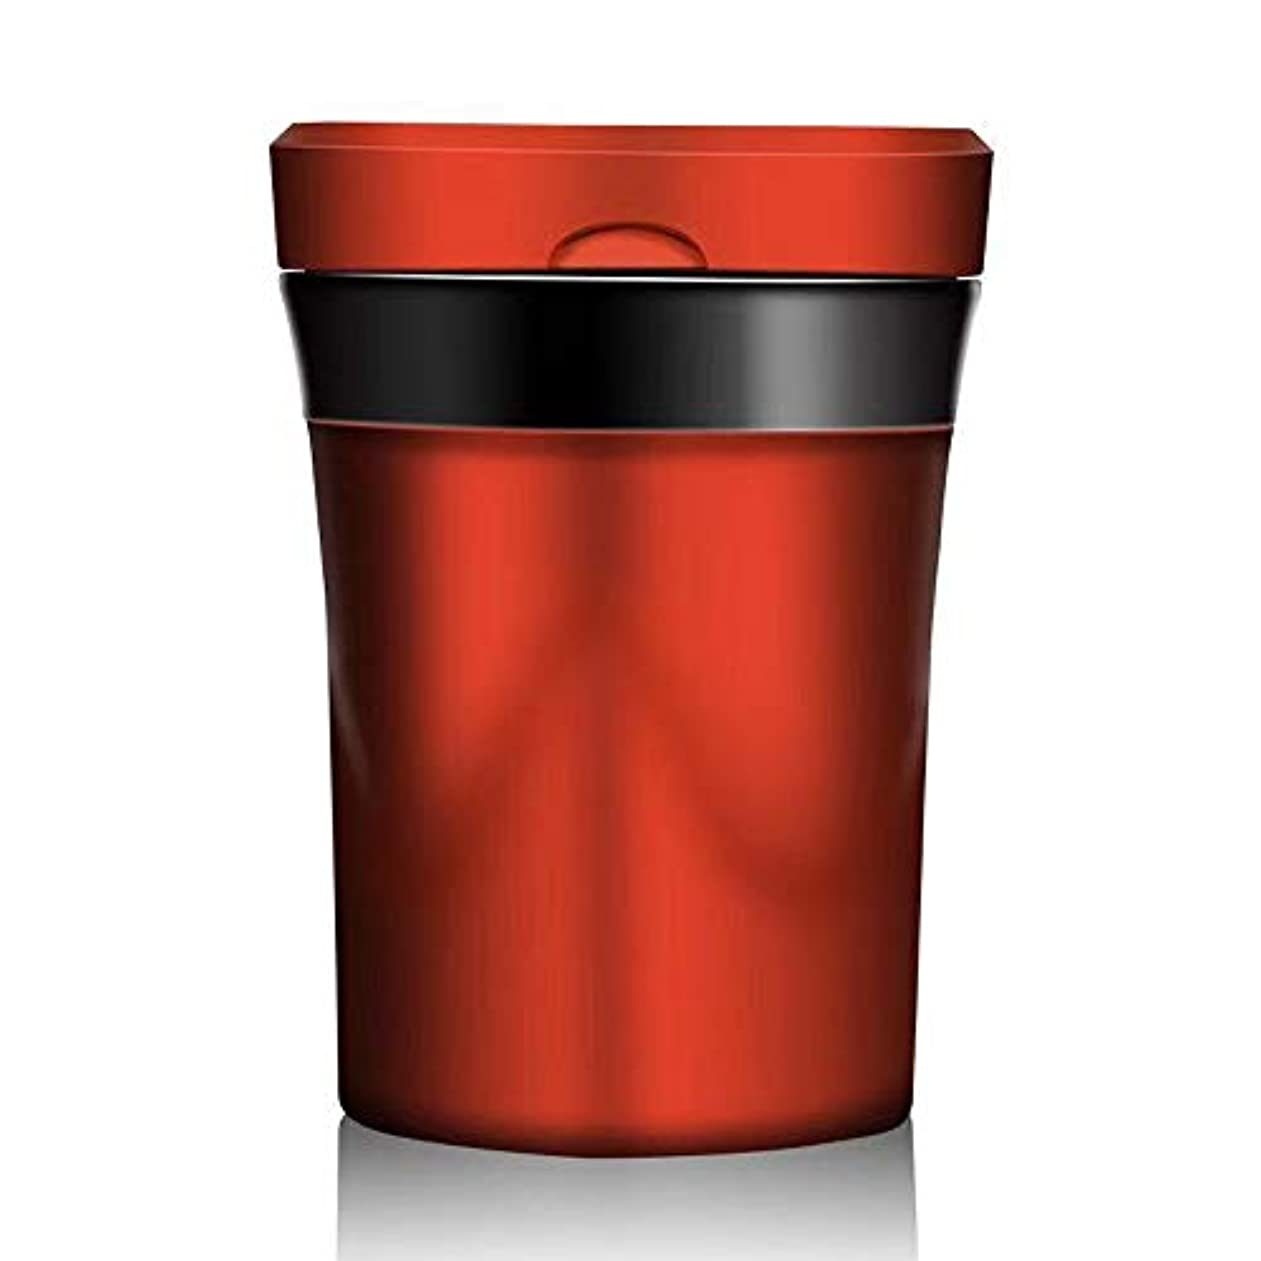 慎重にレベル不要ふた2色の選択が付いている車の灰皿の創造的な屋外の灰皿 (色 : 赤)